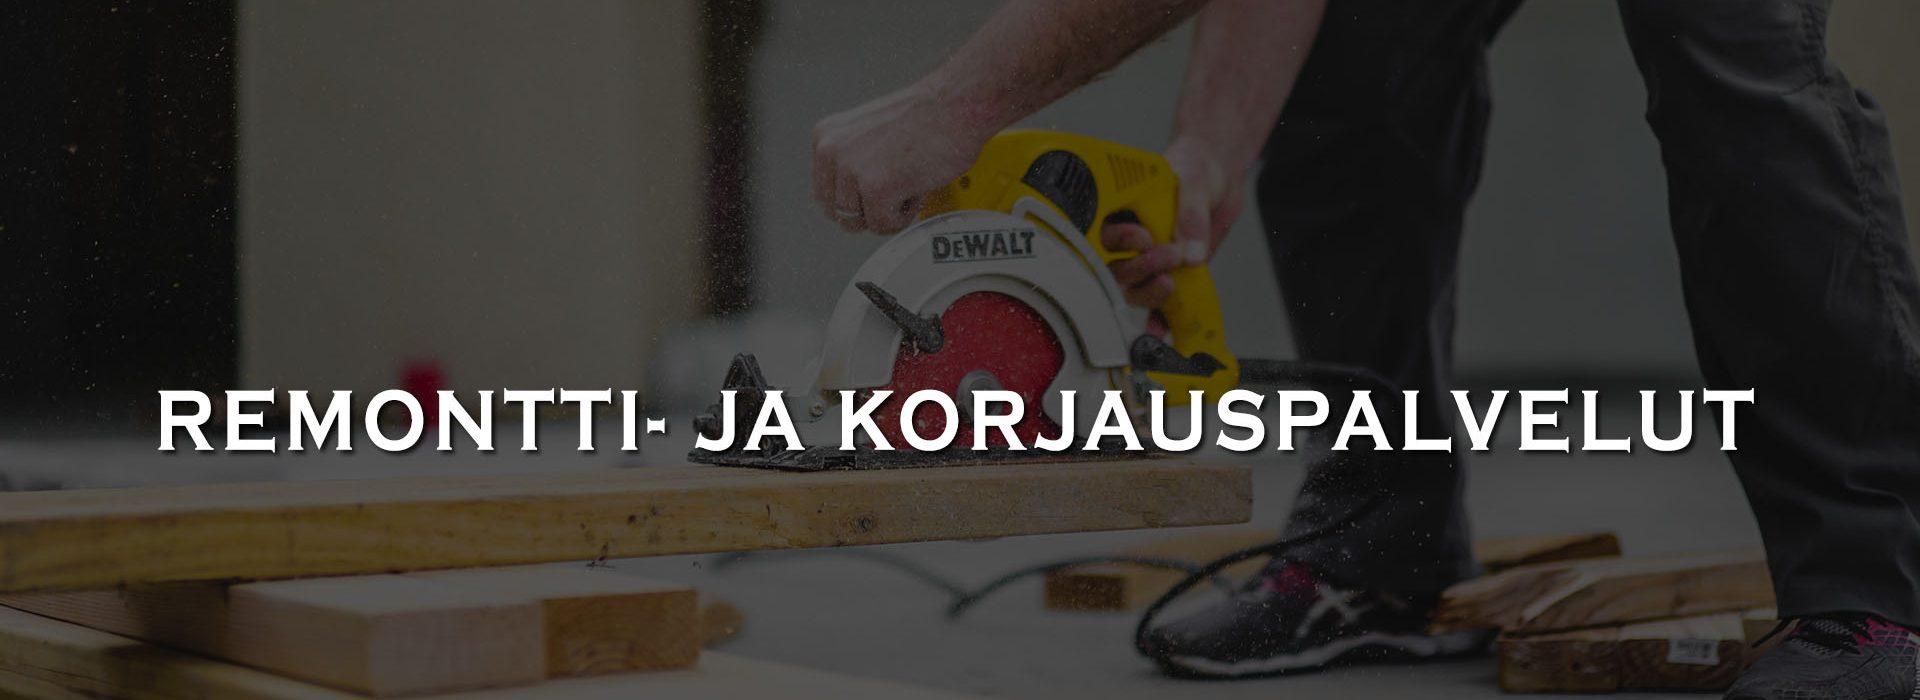 Remontti- ja korjauspalvelut Pohjois-Savossa - FinMacGyver Oy